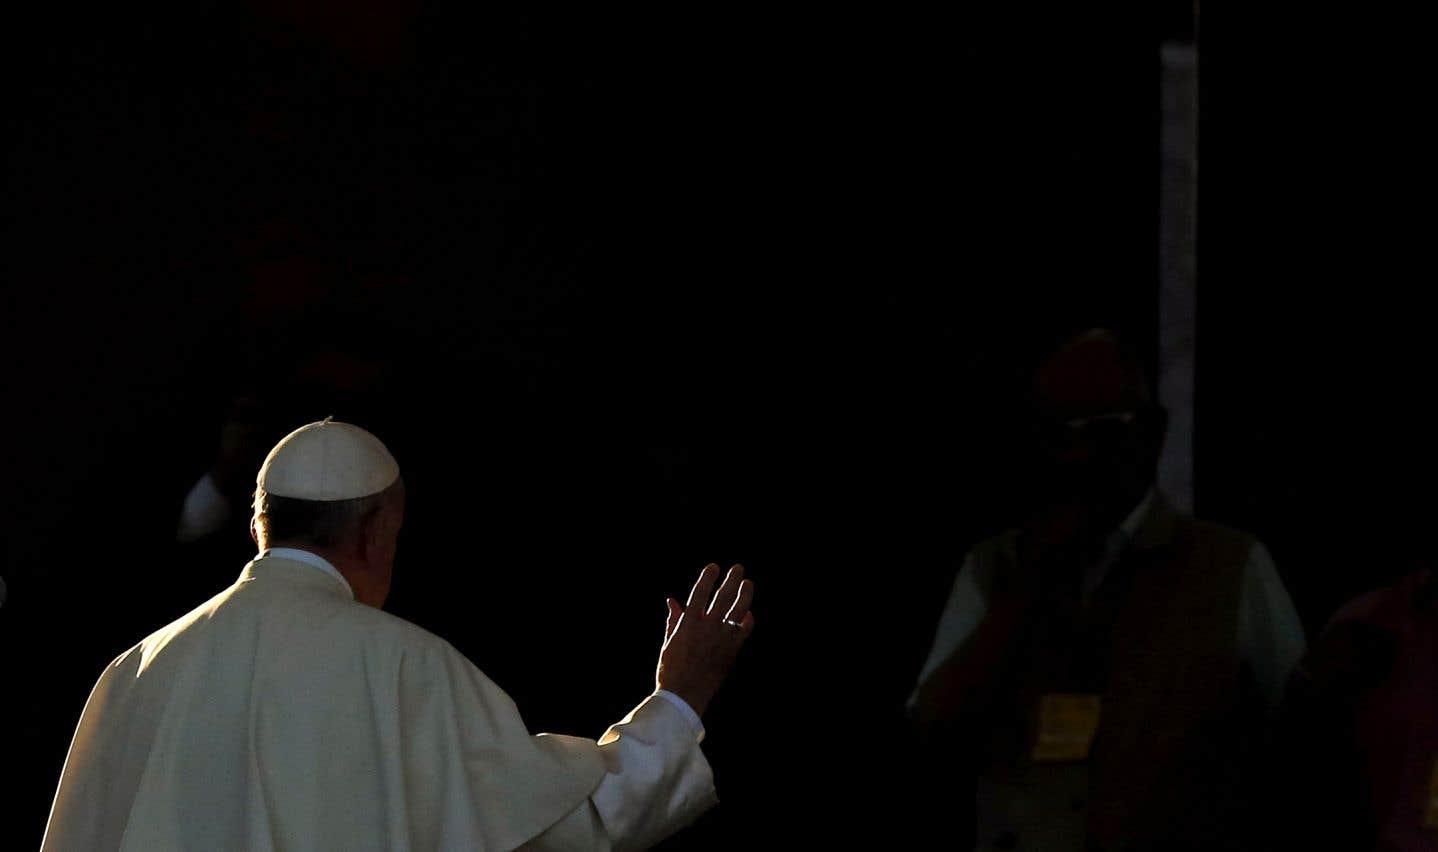 La visite du pape au Chili a été marquée par des manifestations et une cinquantaine d'arrestations.